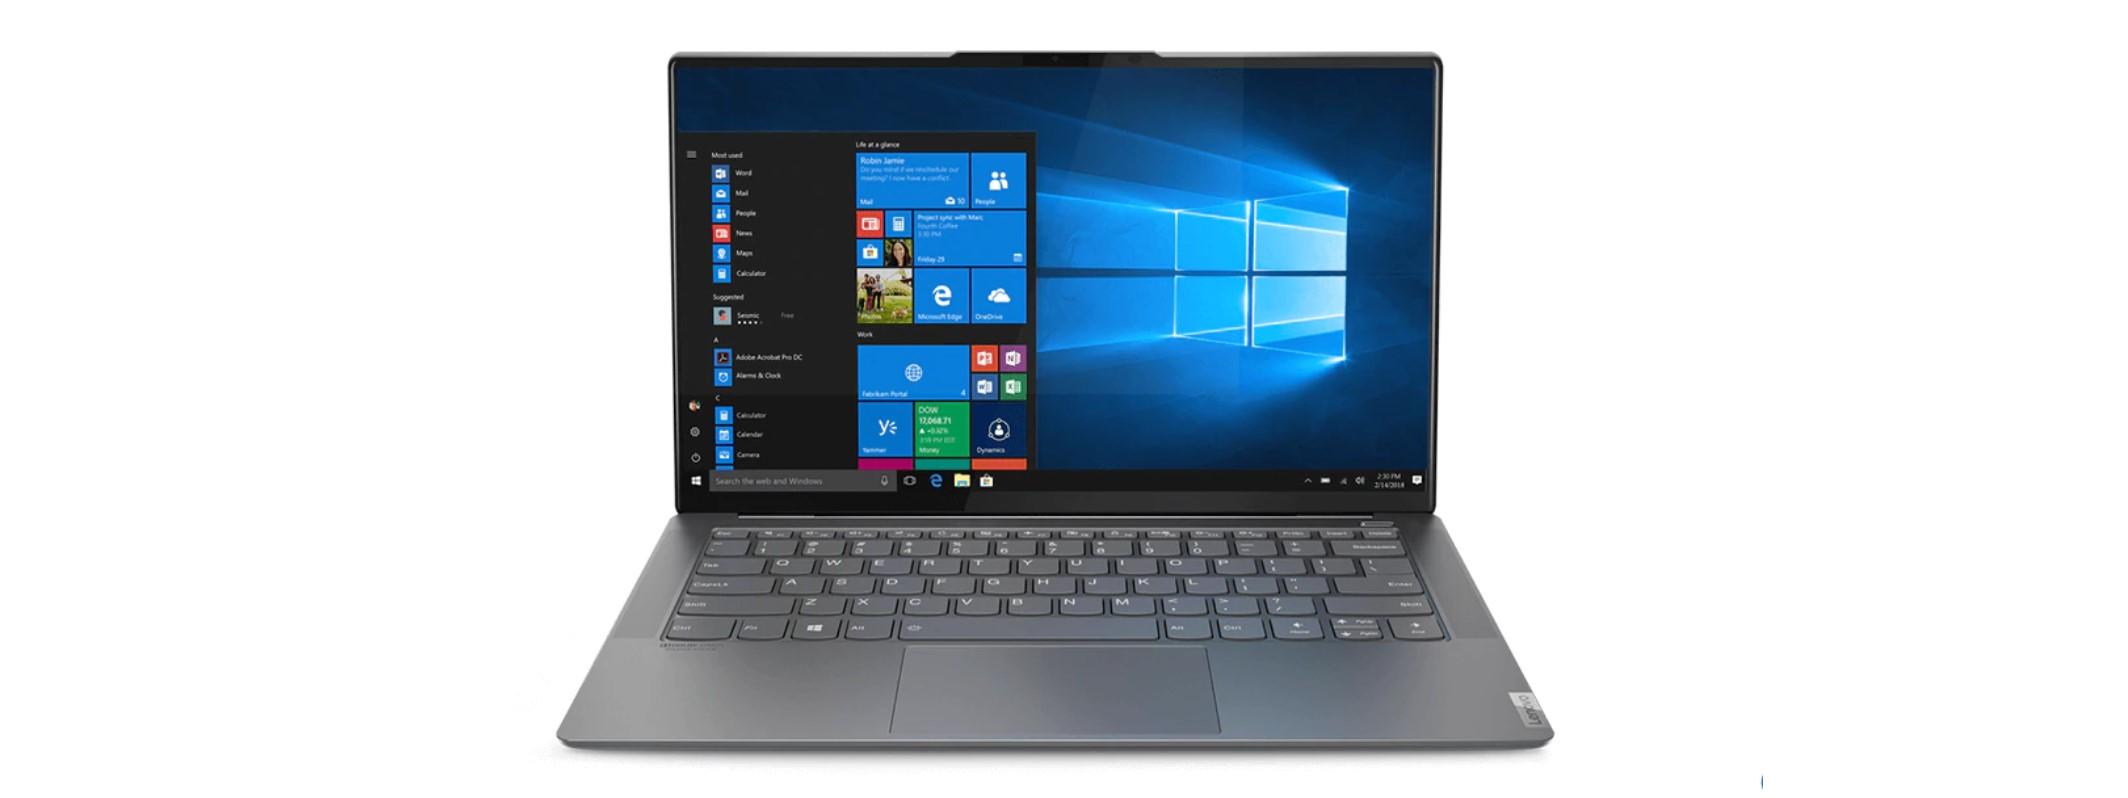 Dzięki Microsoft Pluton komputery z Windowsem będą bezpieczne, jak nigdy przedtem